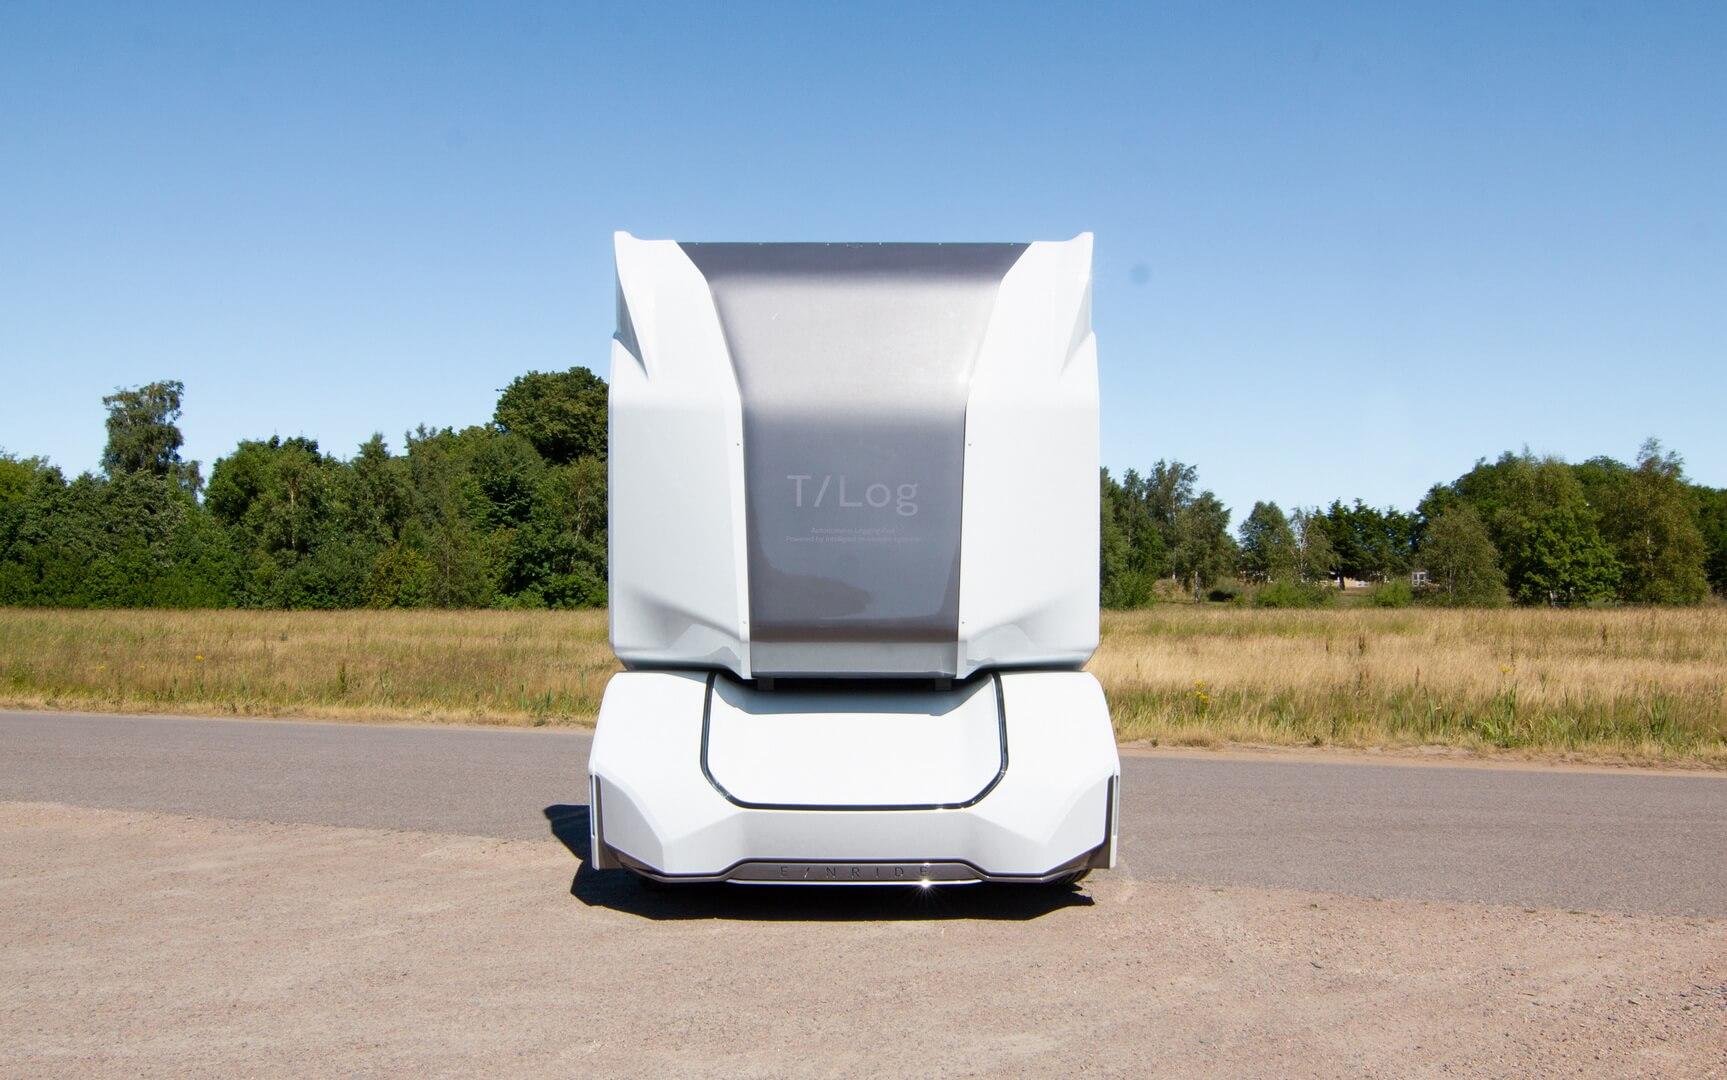 Полностью электрический автономный грузовик T/log — вид спереди